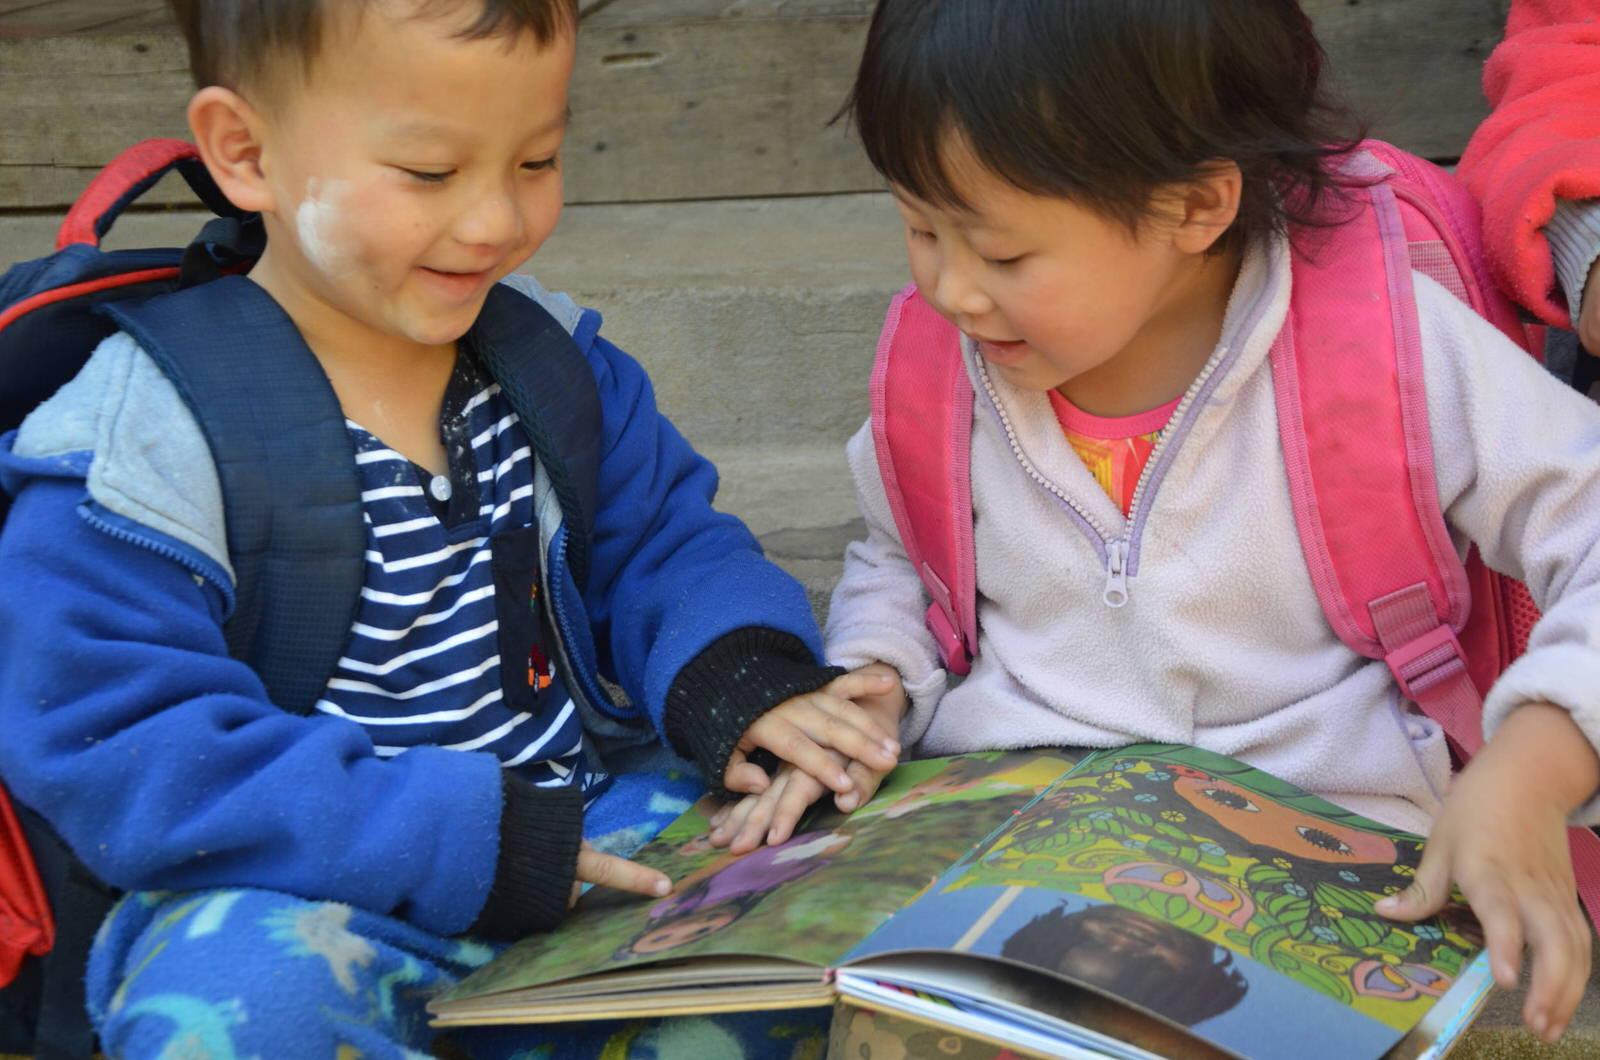 kidsschoolbook.jpg